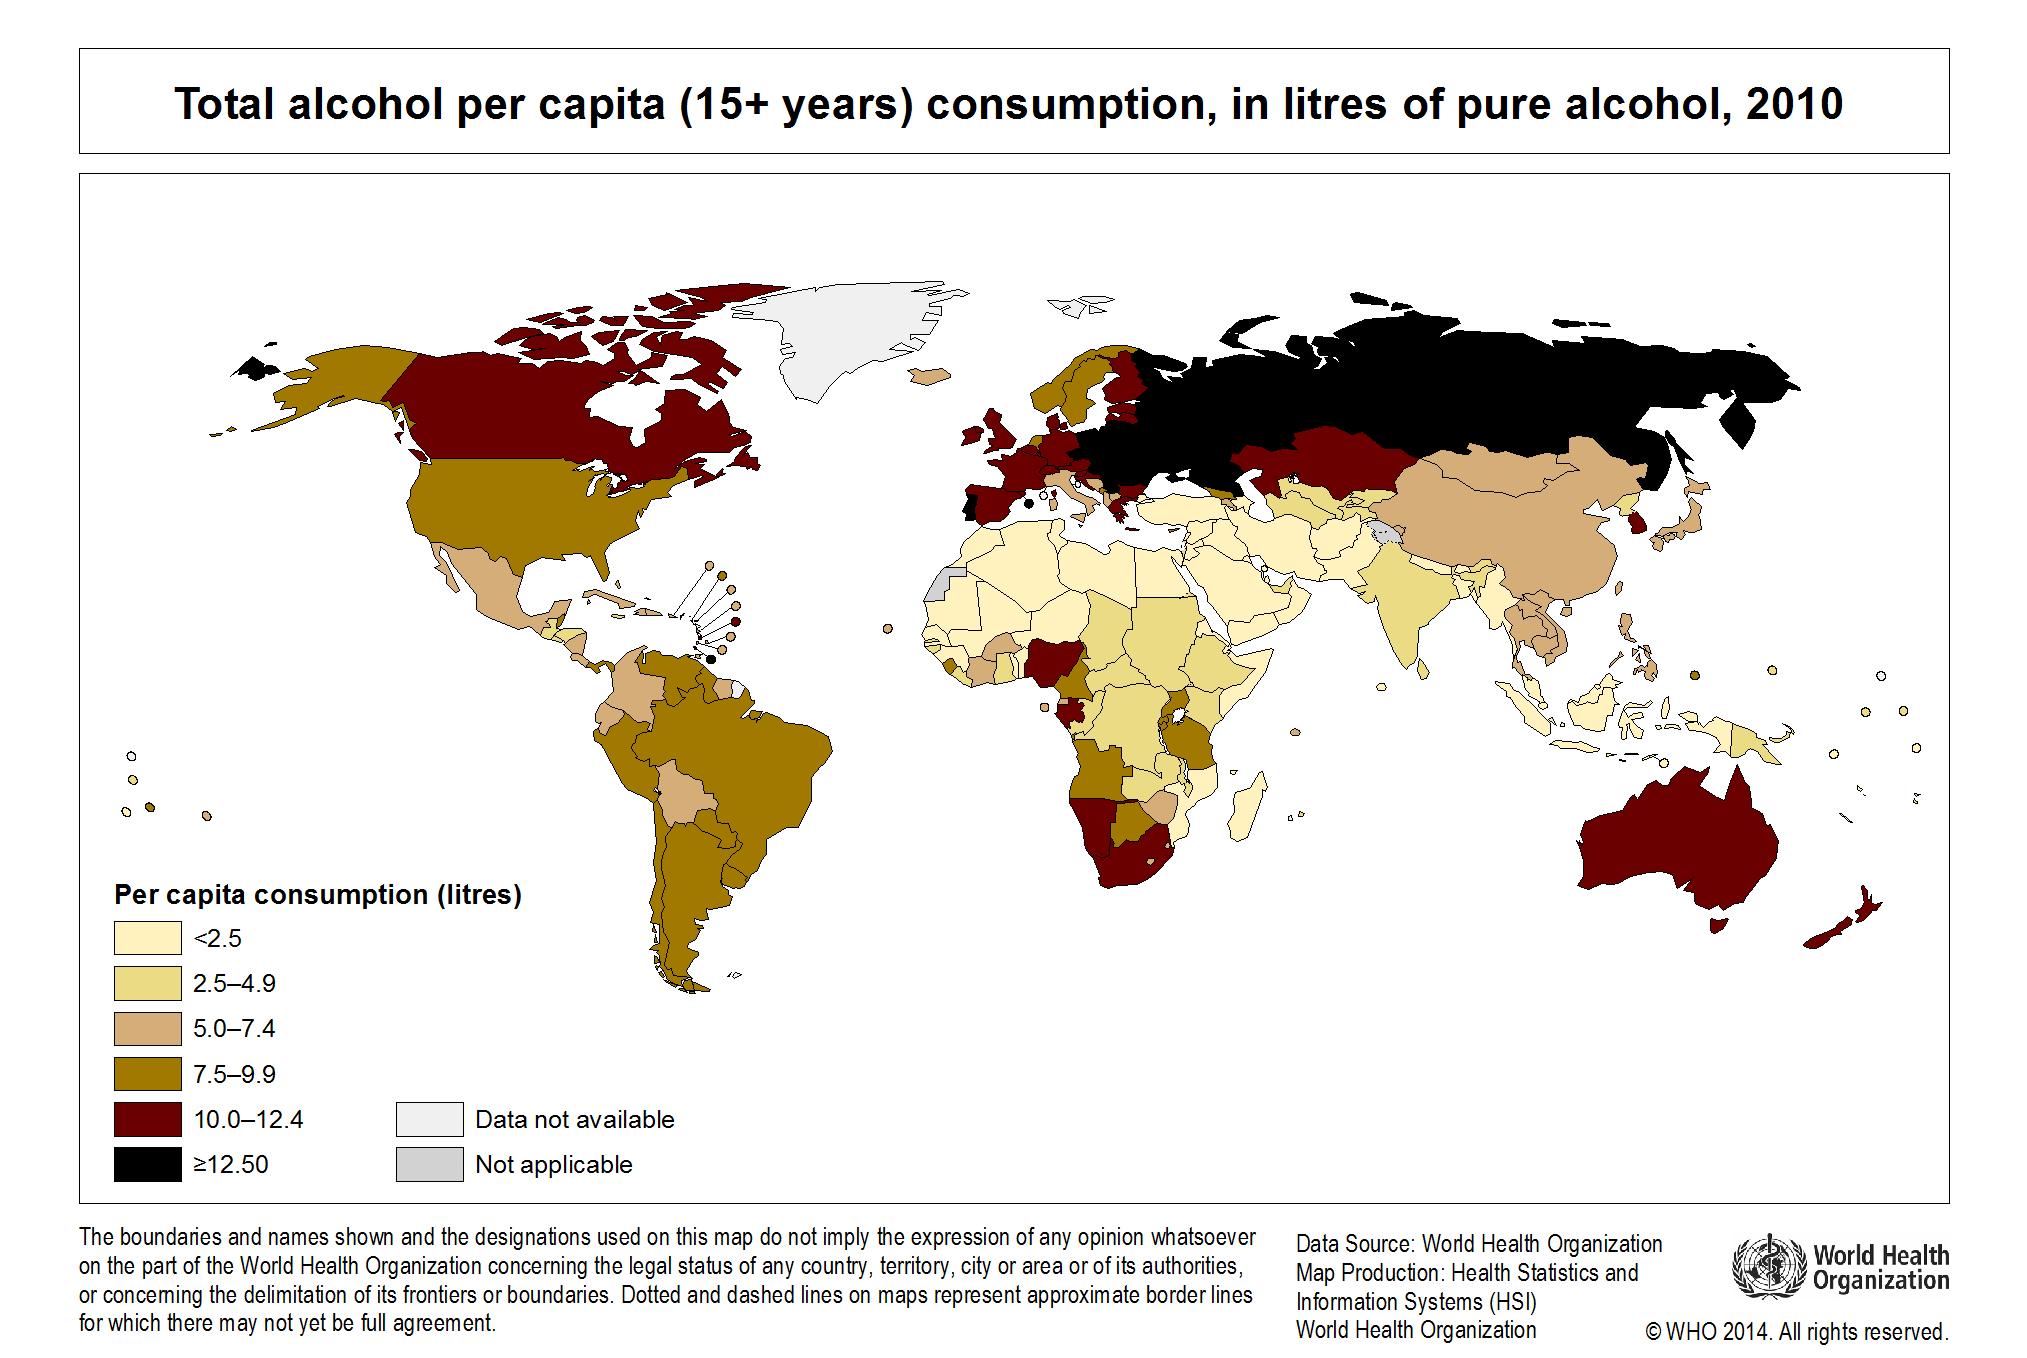 Global consumption per capita 2010